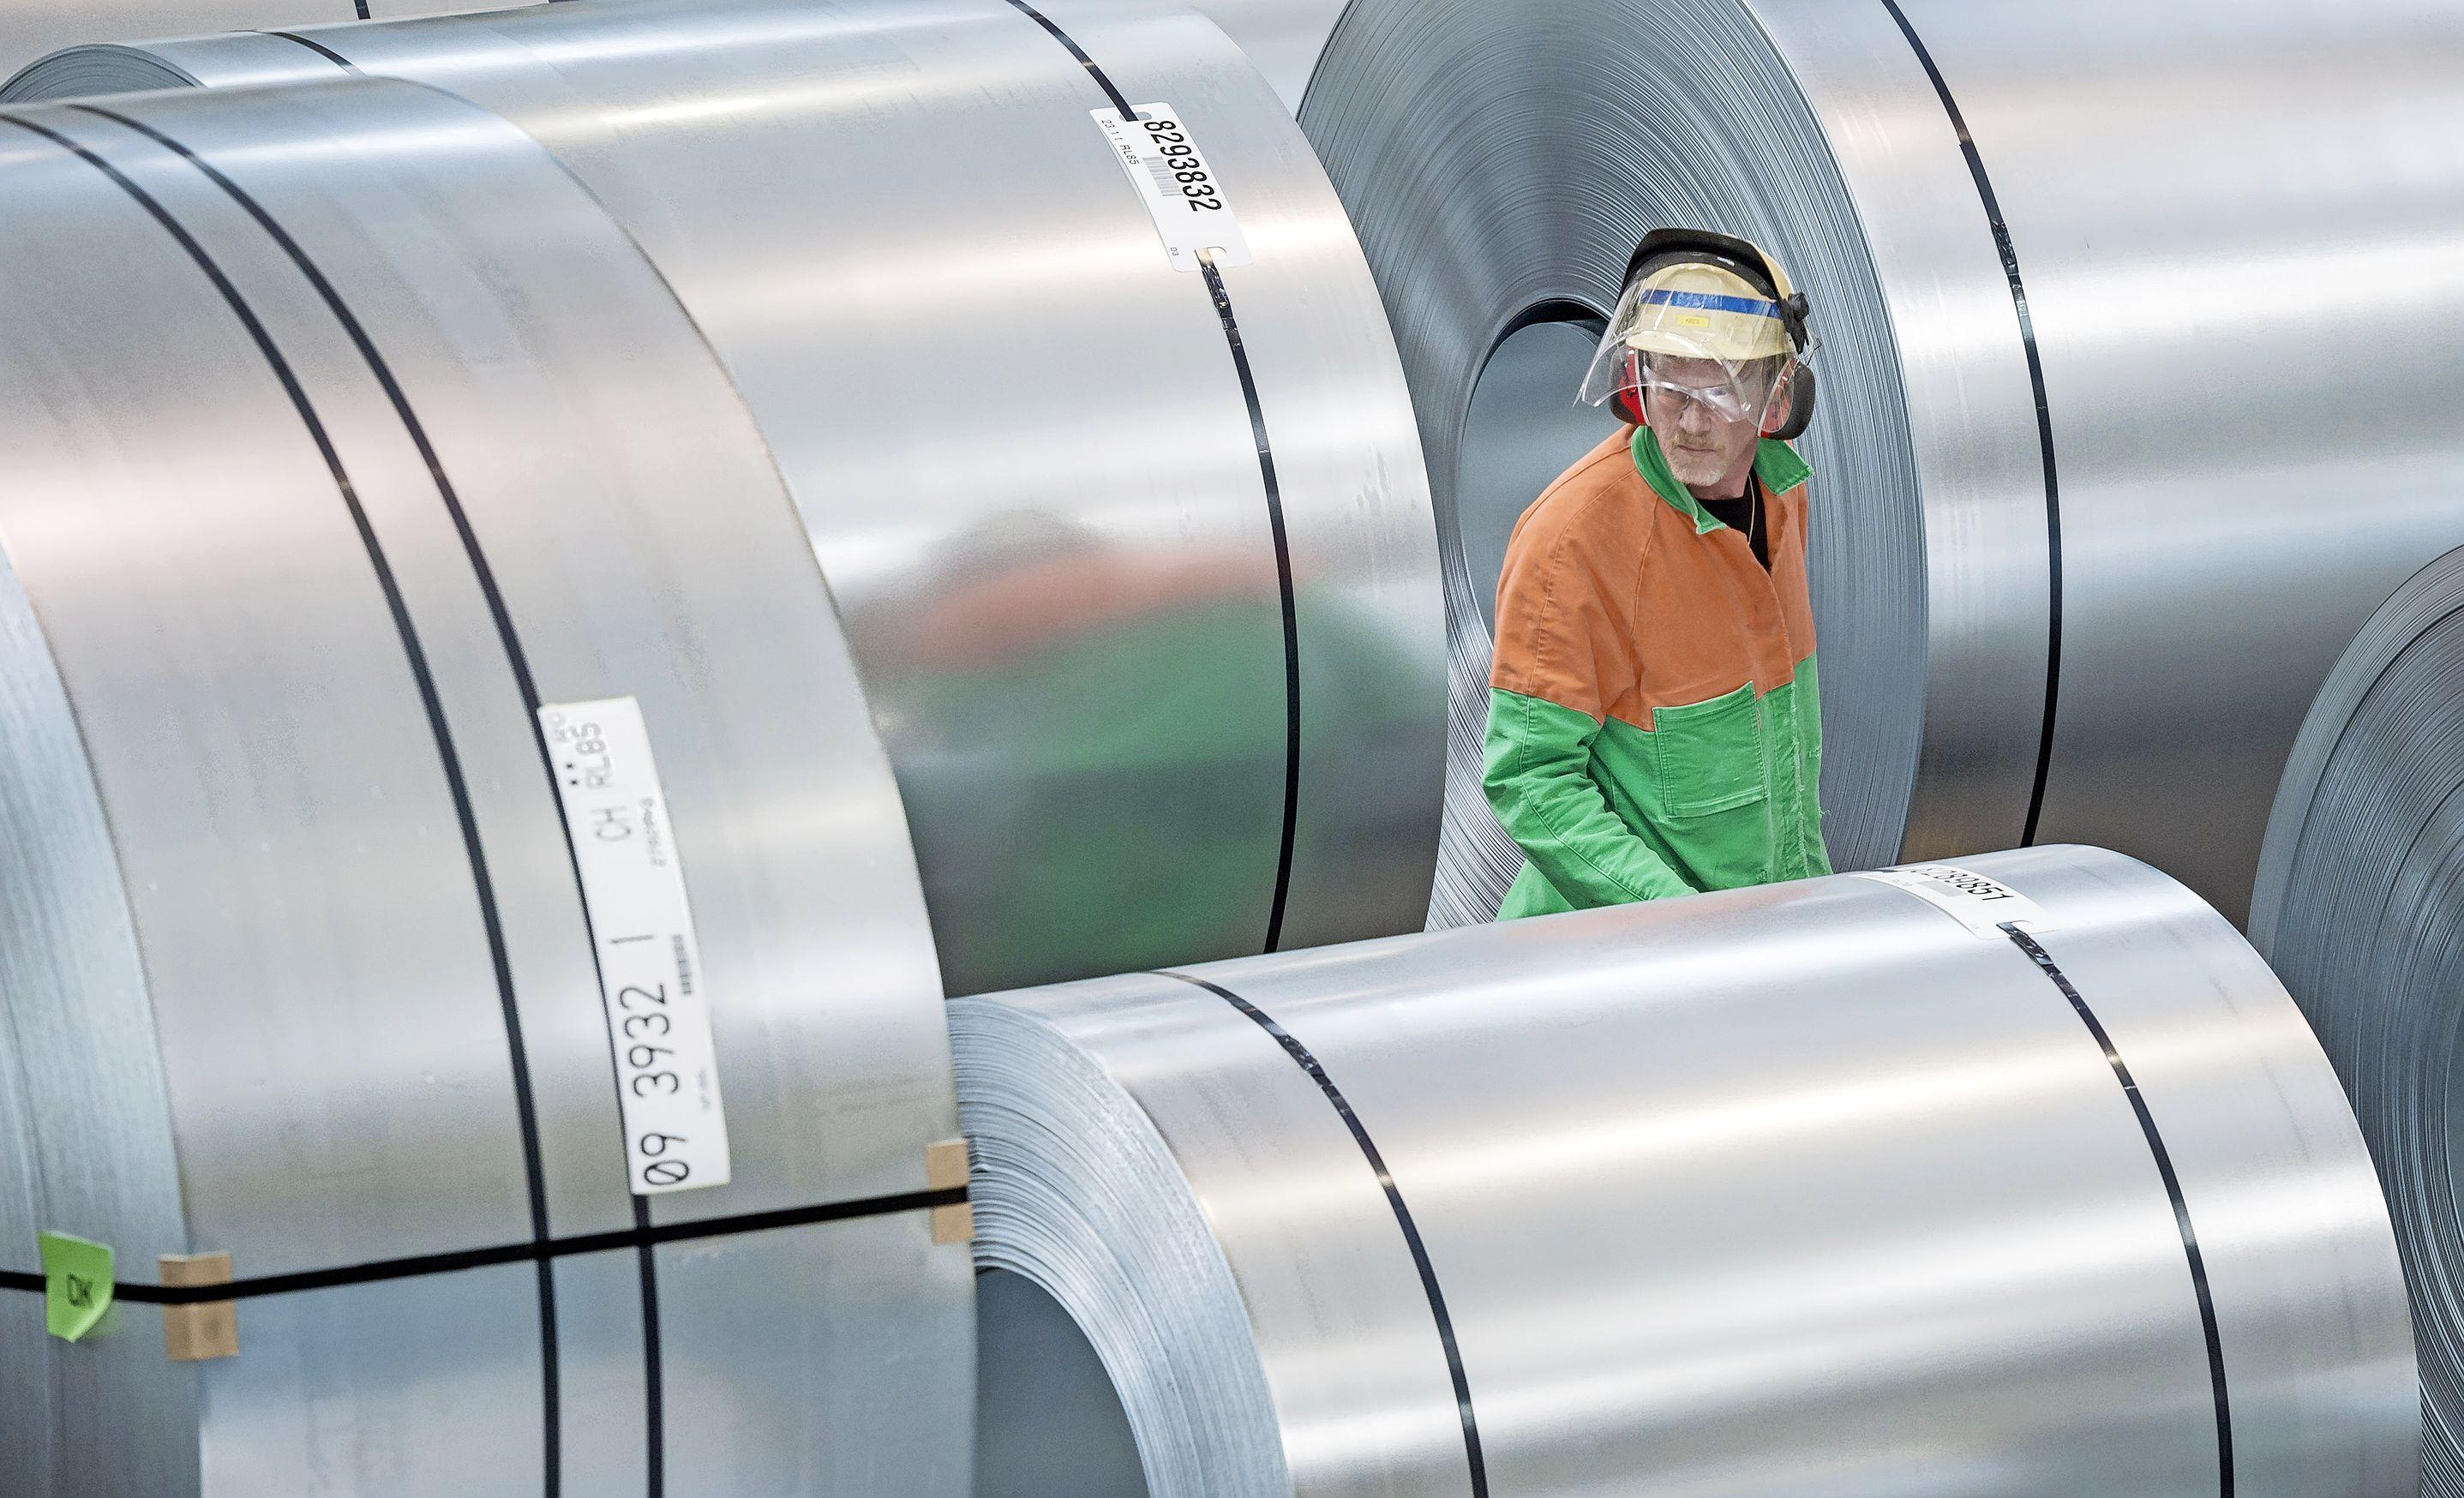 FNV: Tata moet af van kolen en produceren op waterstof